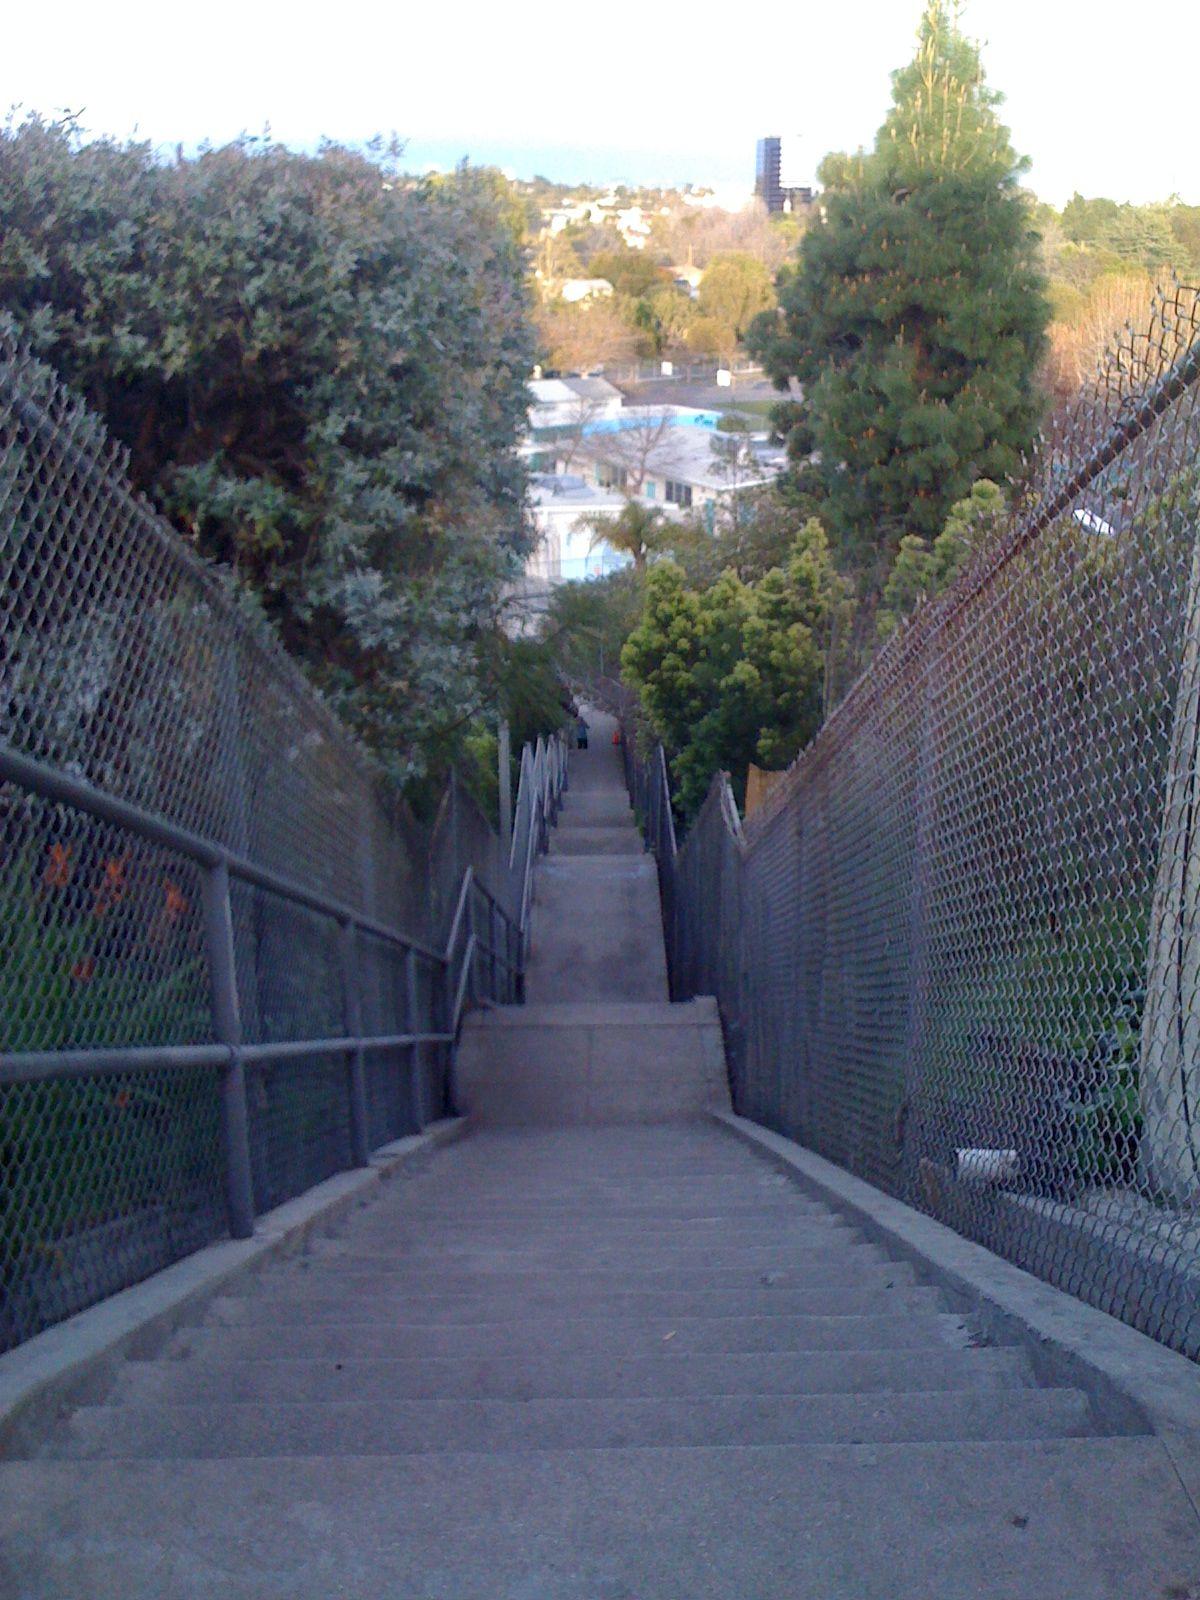 22d77dd0504d01004cb88d928738576e - Mar Vista Gardens Los Angeles Ca